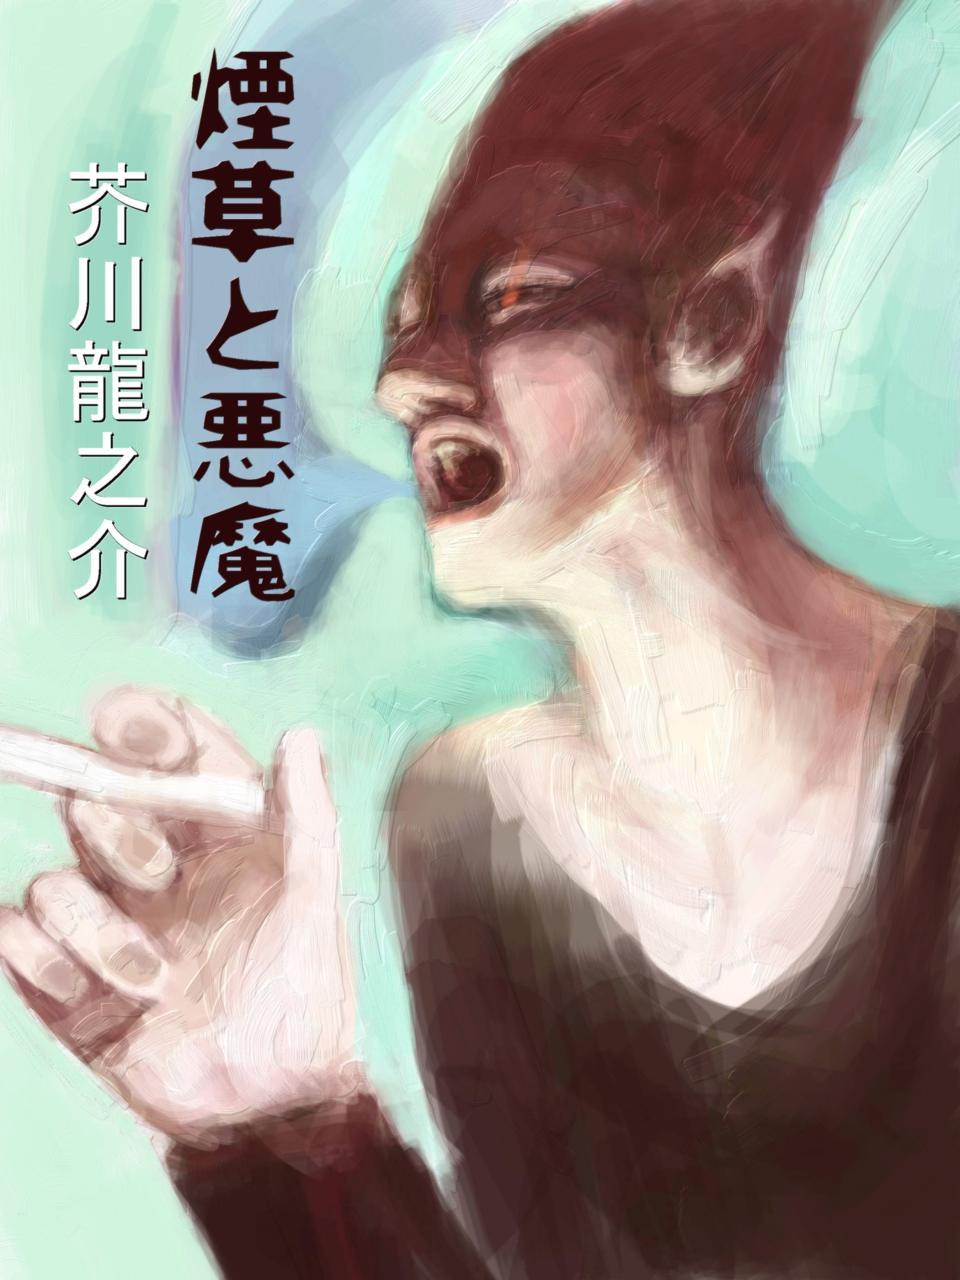 煙草と悪魔 - E U   Illustratio...